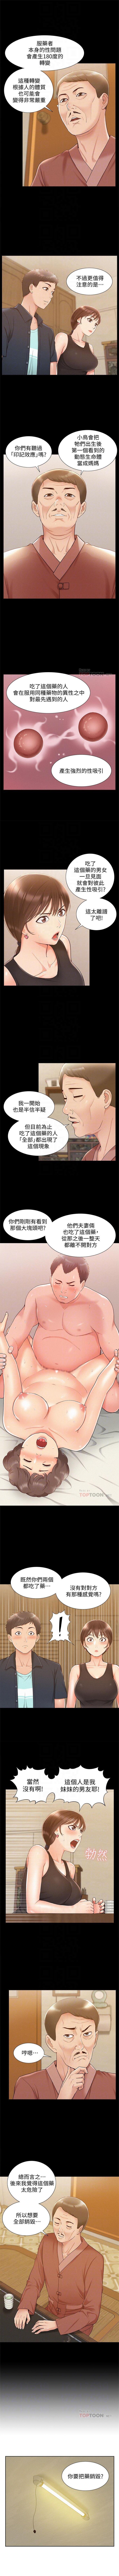 (周4)难言之隐 1-20 中文翻译(更新中) 94